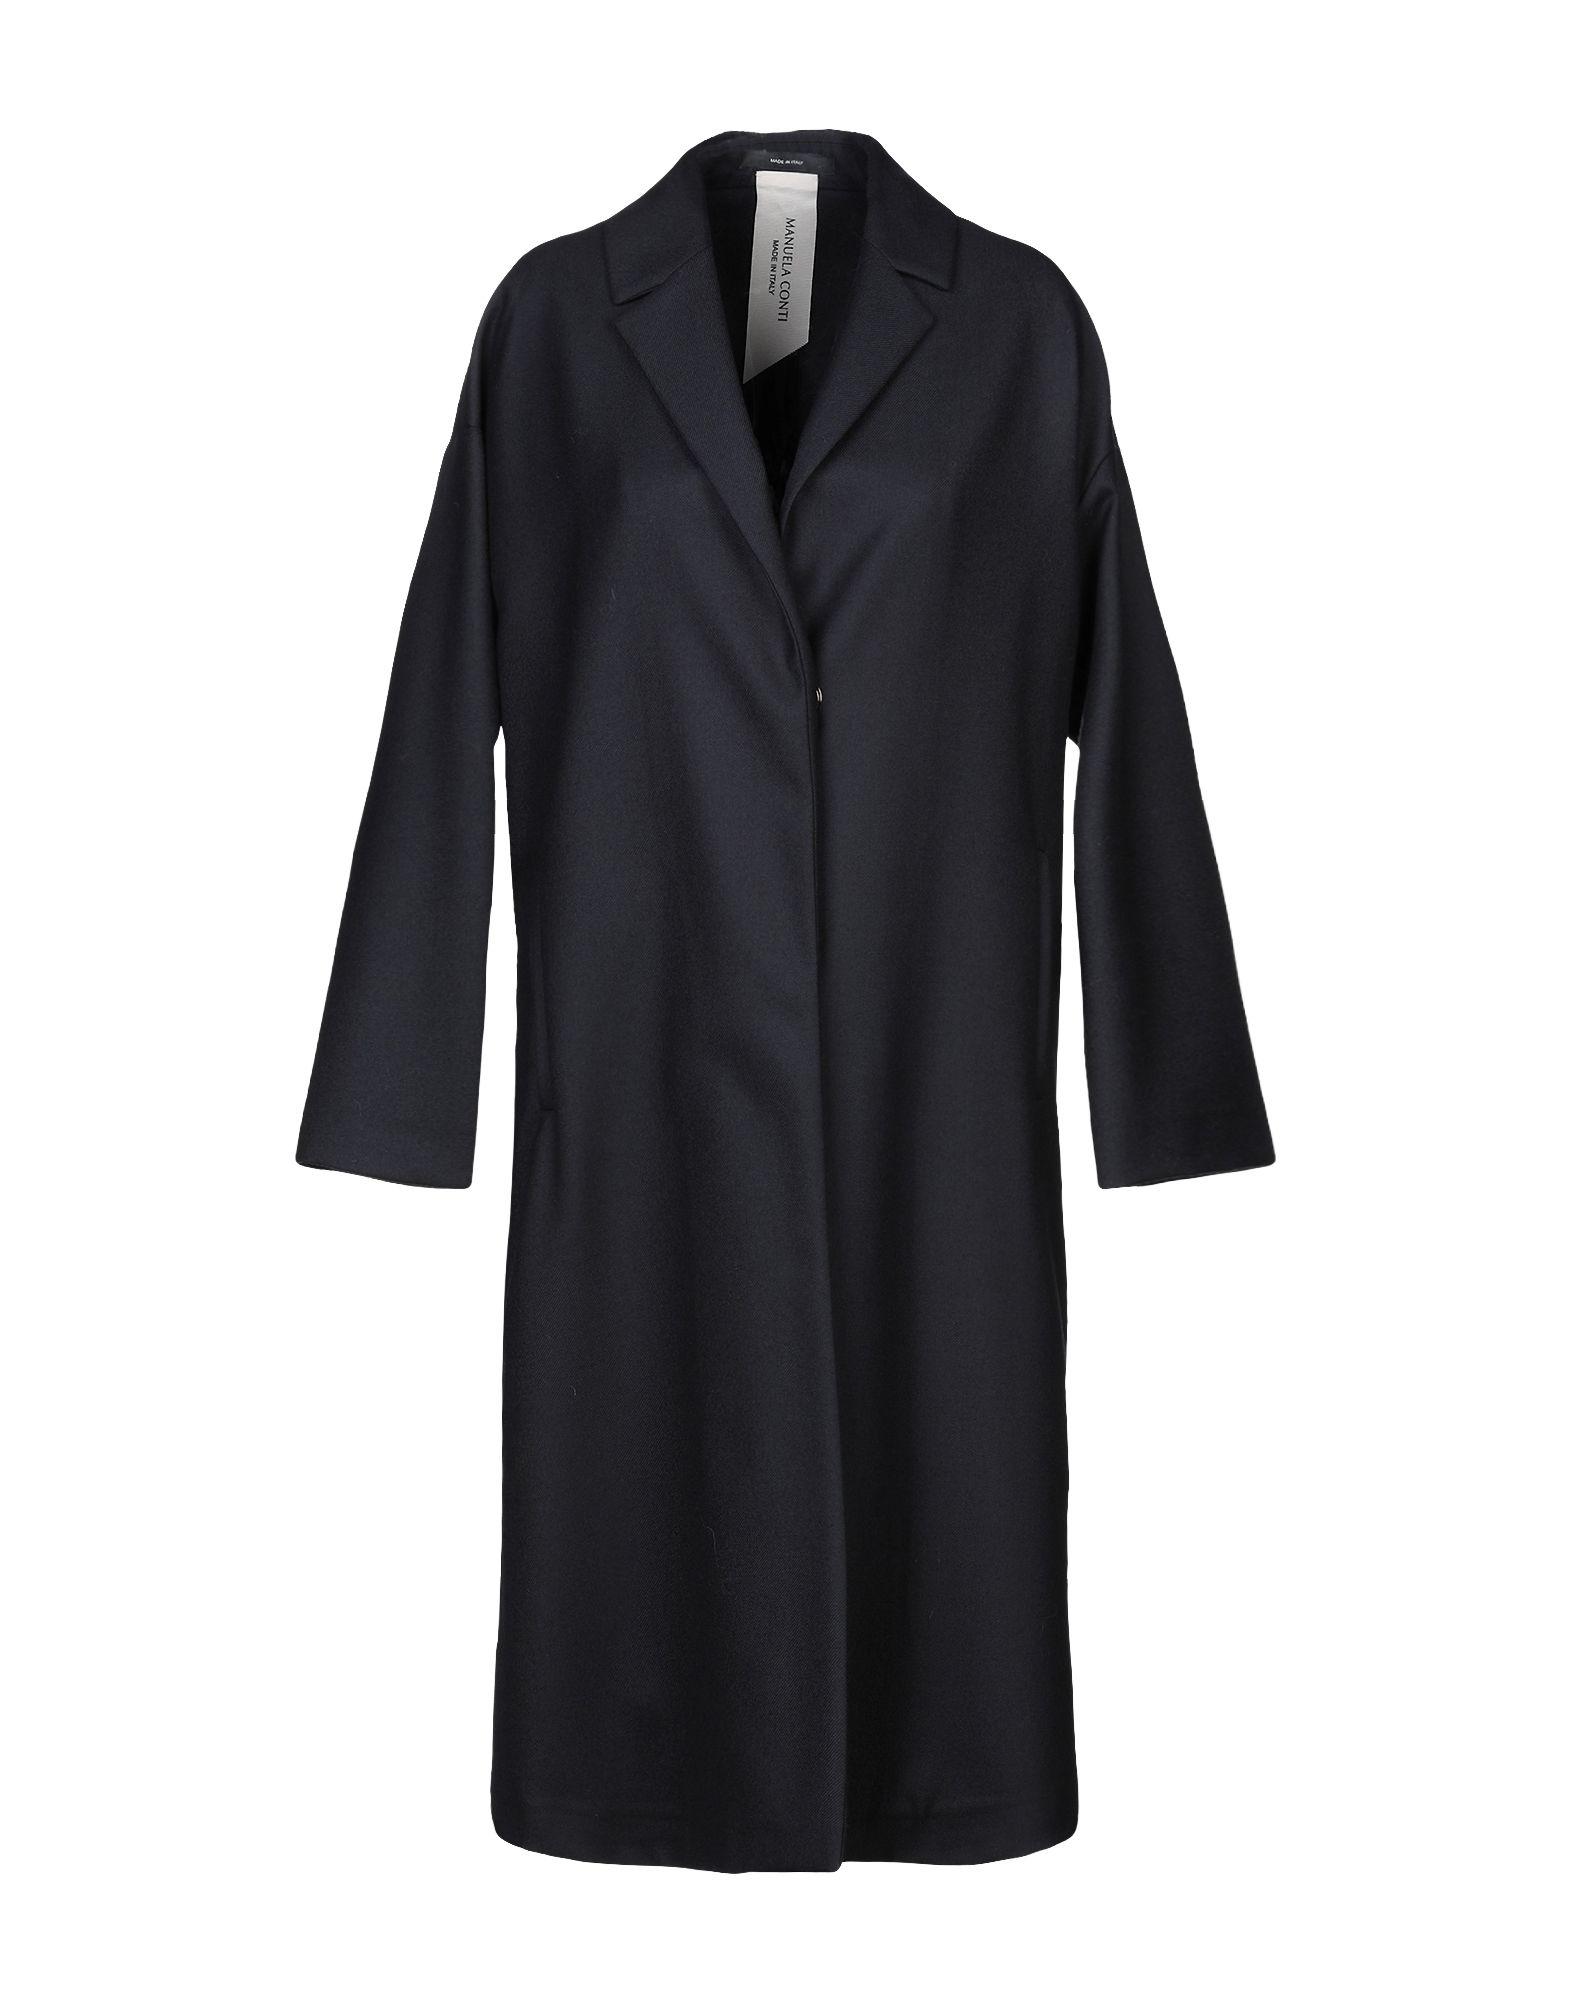 MANUELA CONTI Легкое пальто manuela conti пиджак